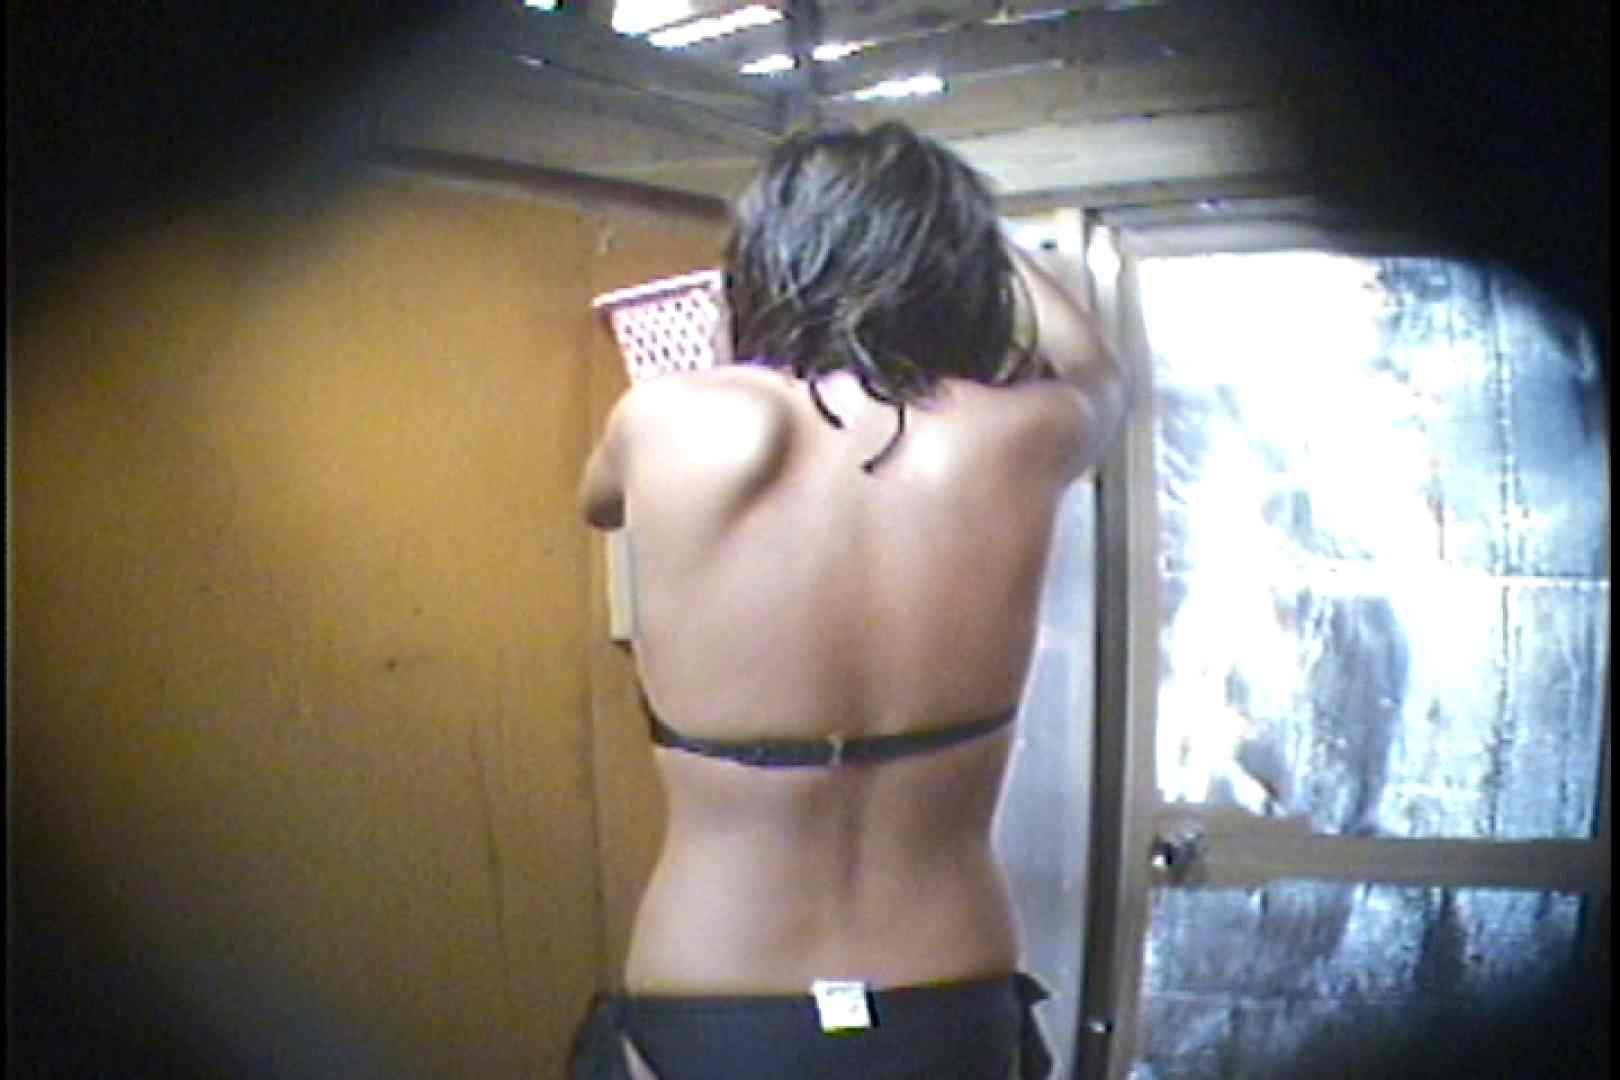 海の家の更衣室 Vol.56 美女  102pic 43